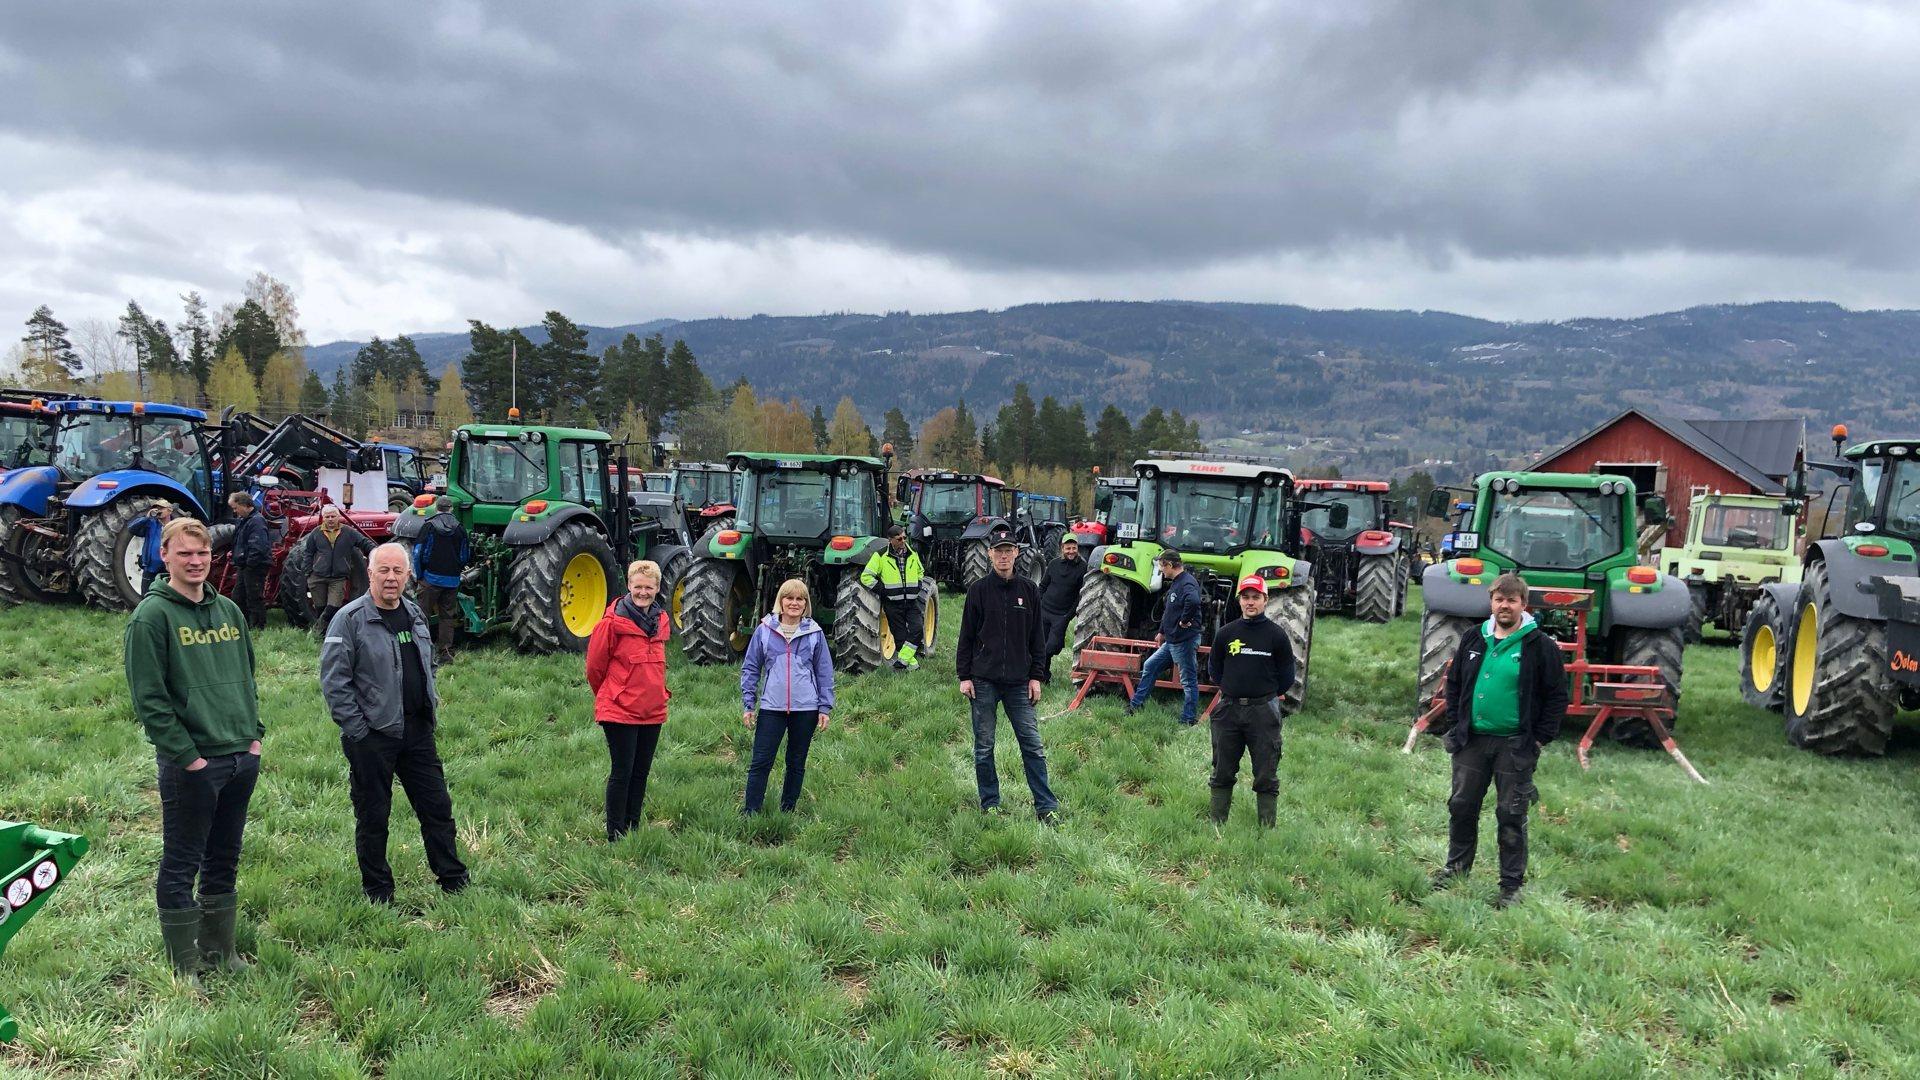 Samlet 215 traktorer. Lokale bønder viser sin misnøye mot staten